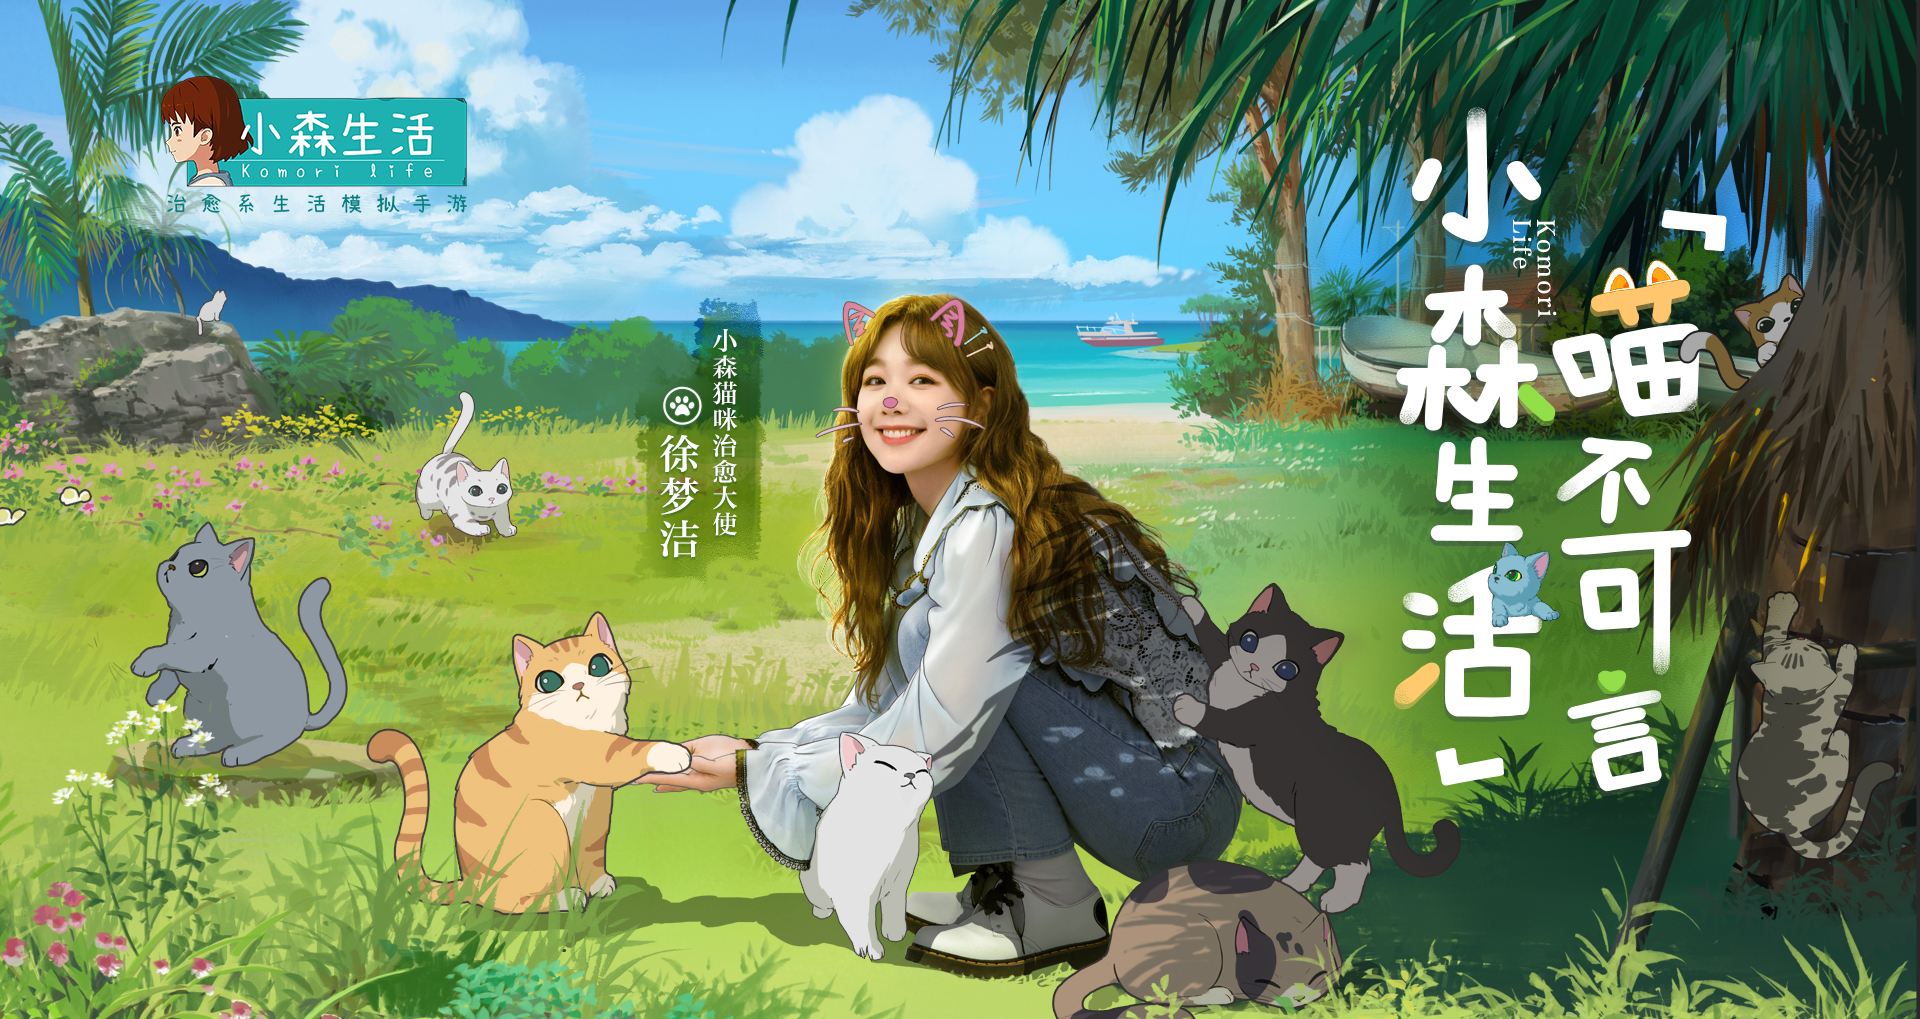 官宣!猫咪治愈大使徐梦洁正式入驻小森村